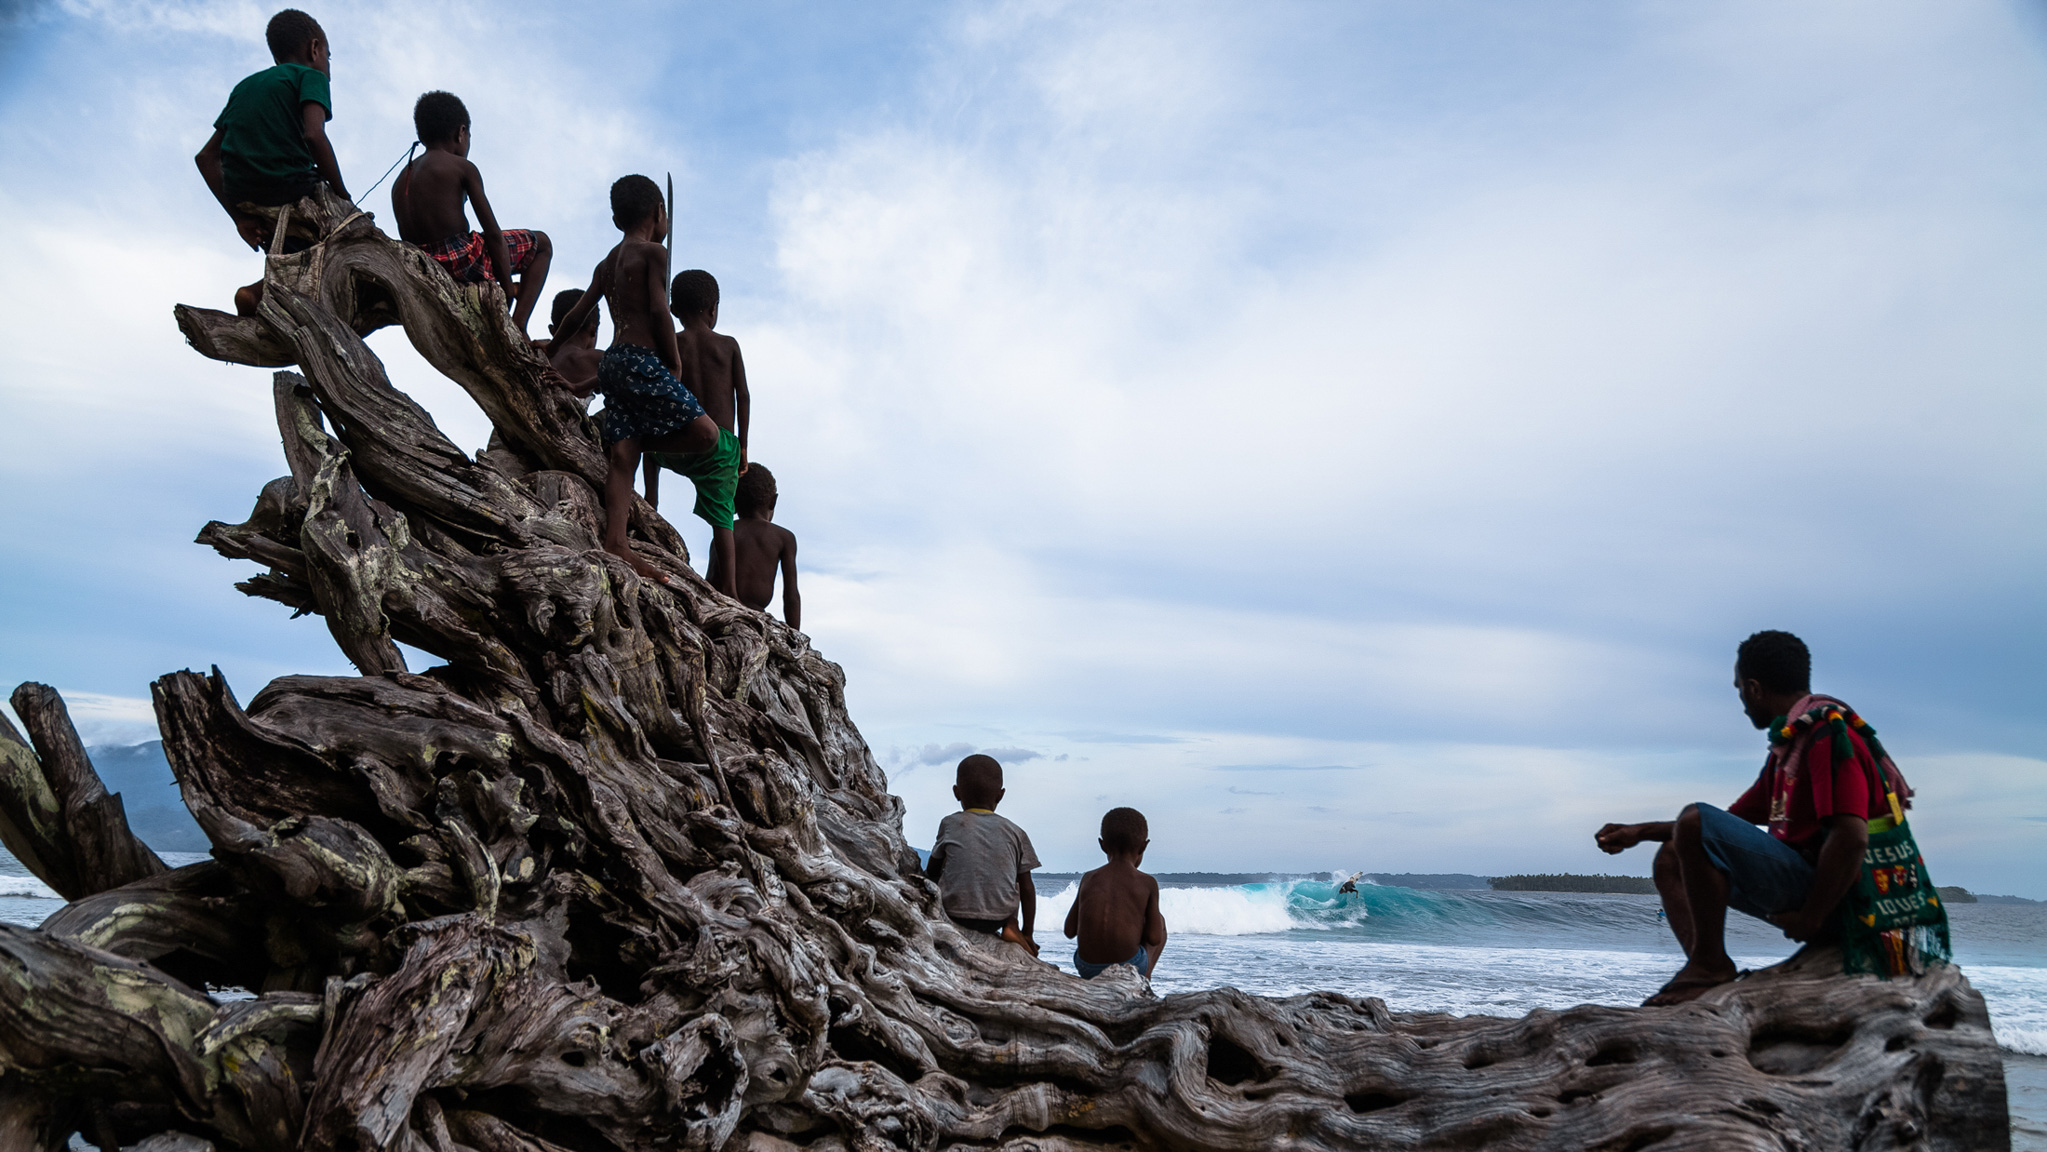 Josh Moniz, Papua New Guinea